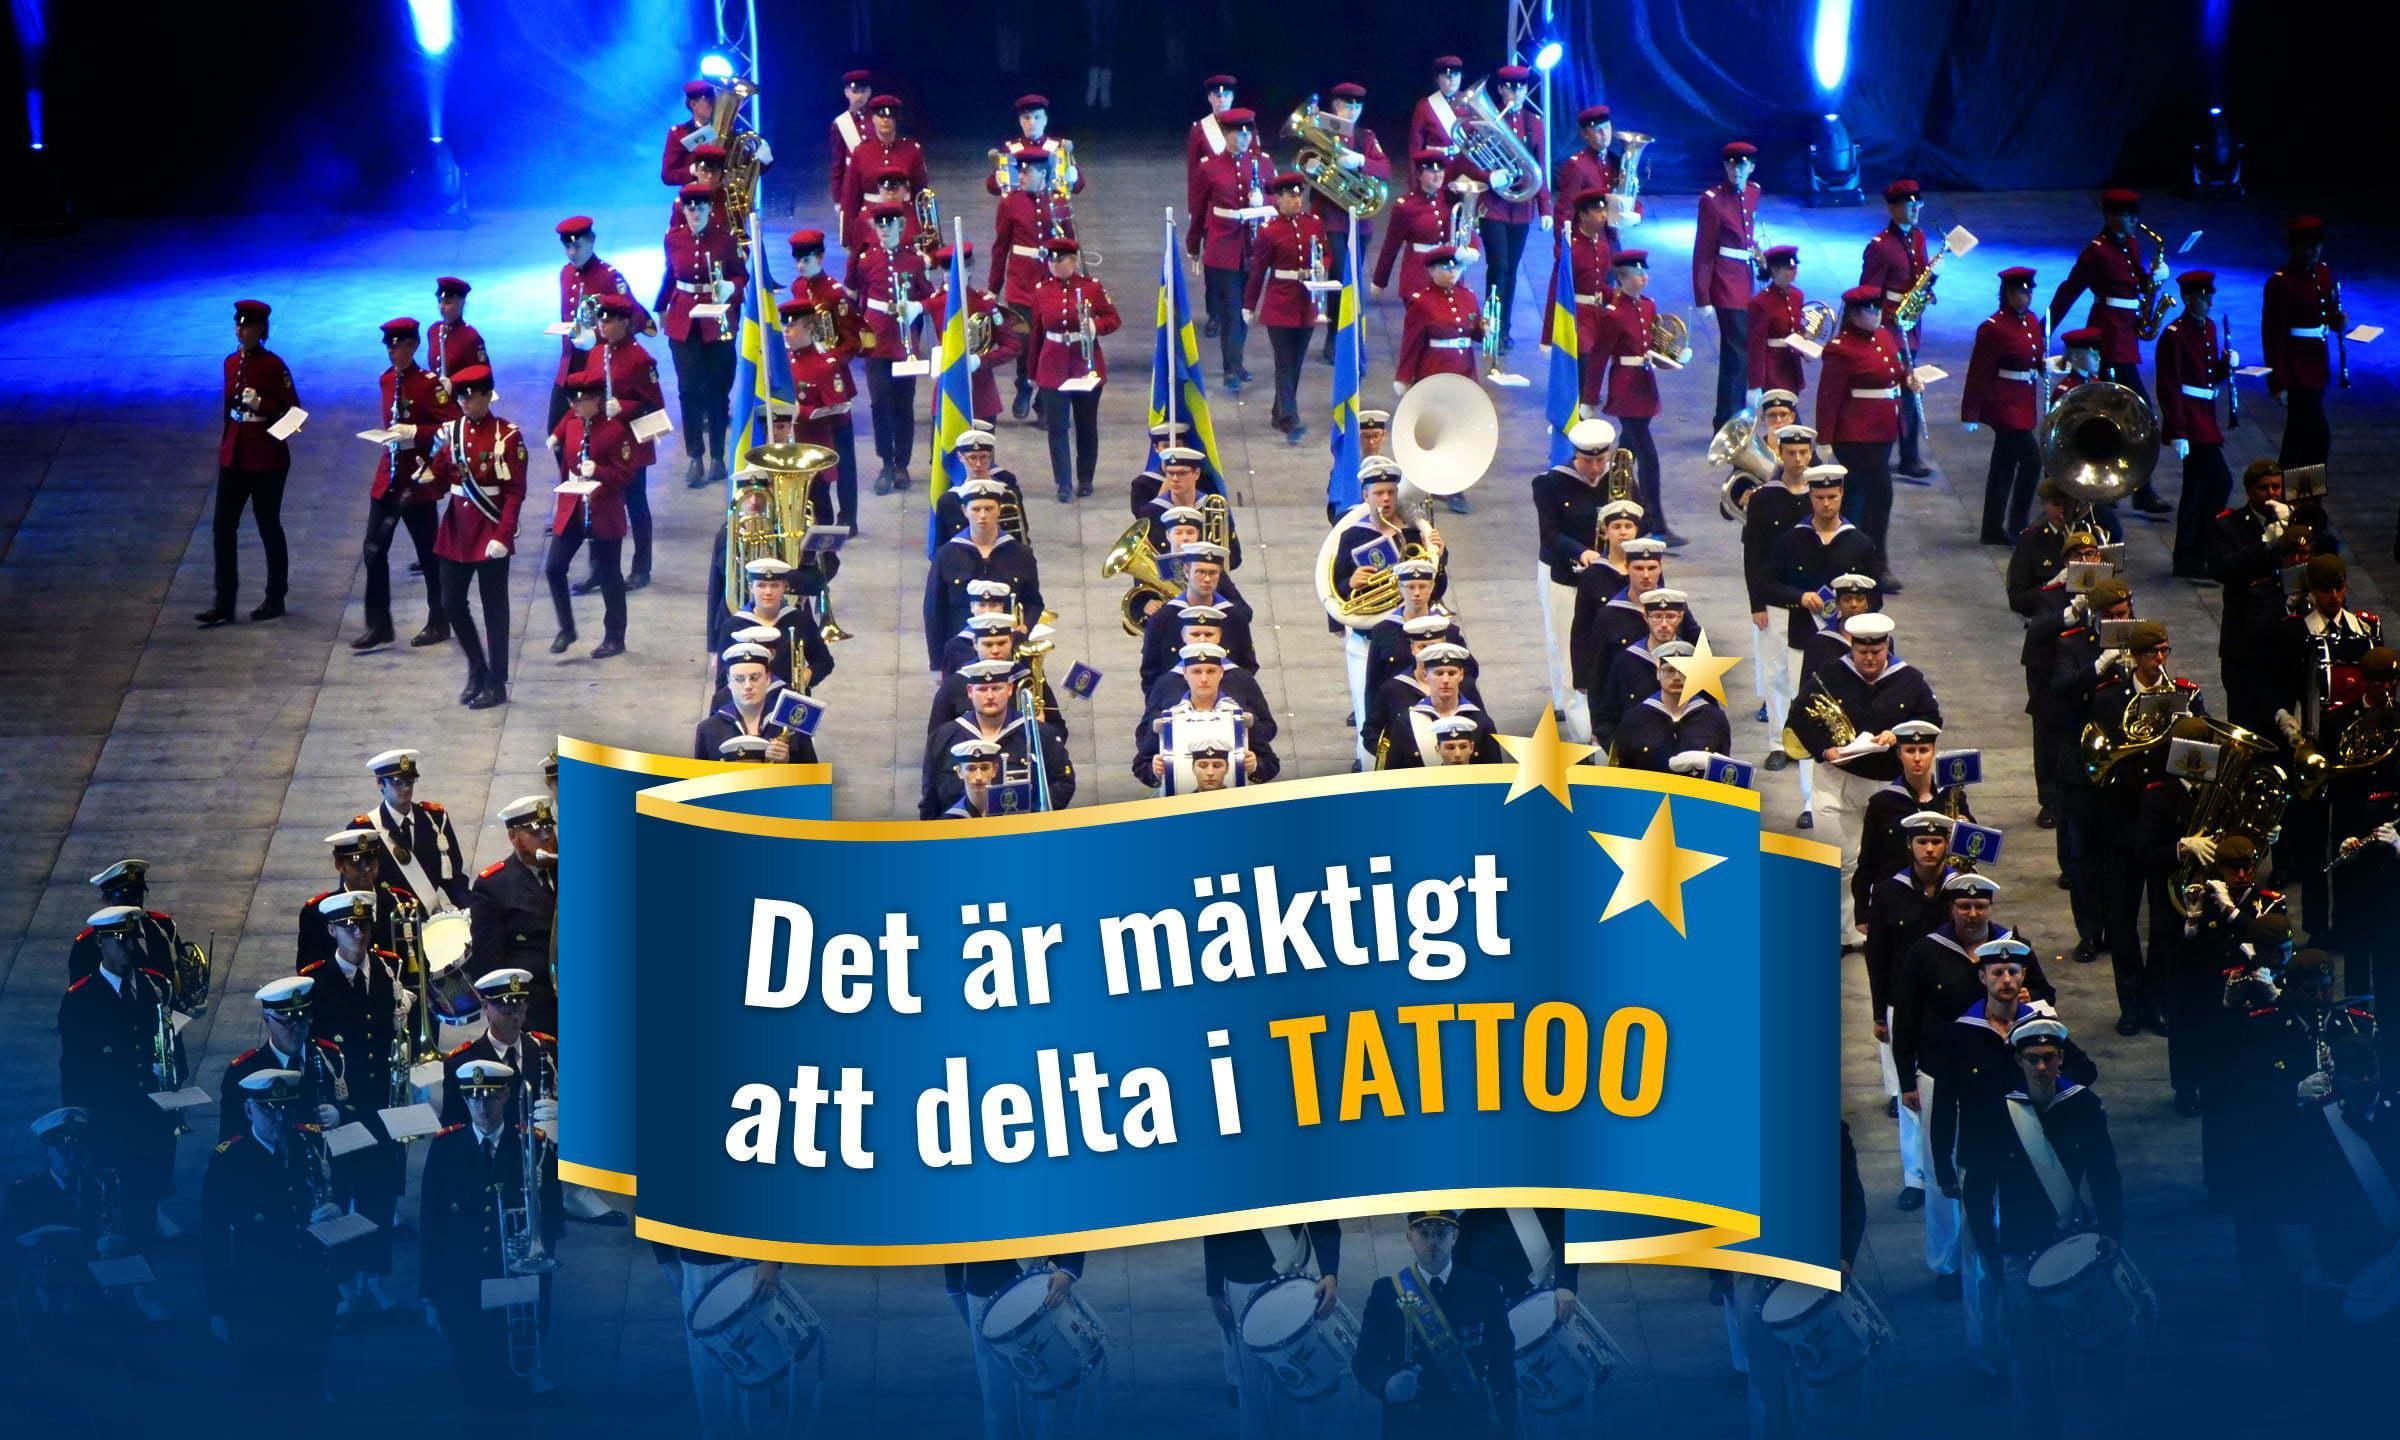 blasmusik_mall_1200x720_tattoo_m_flag_ny_www